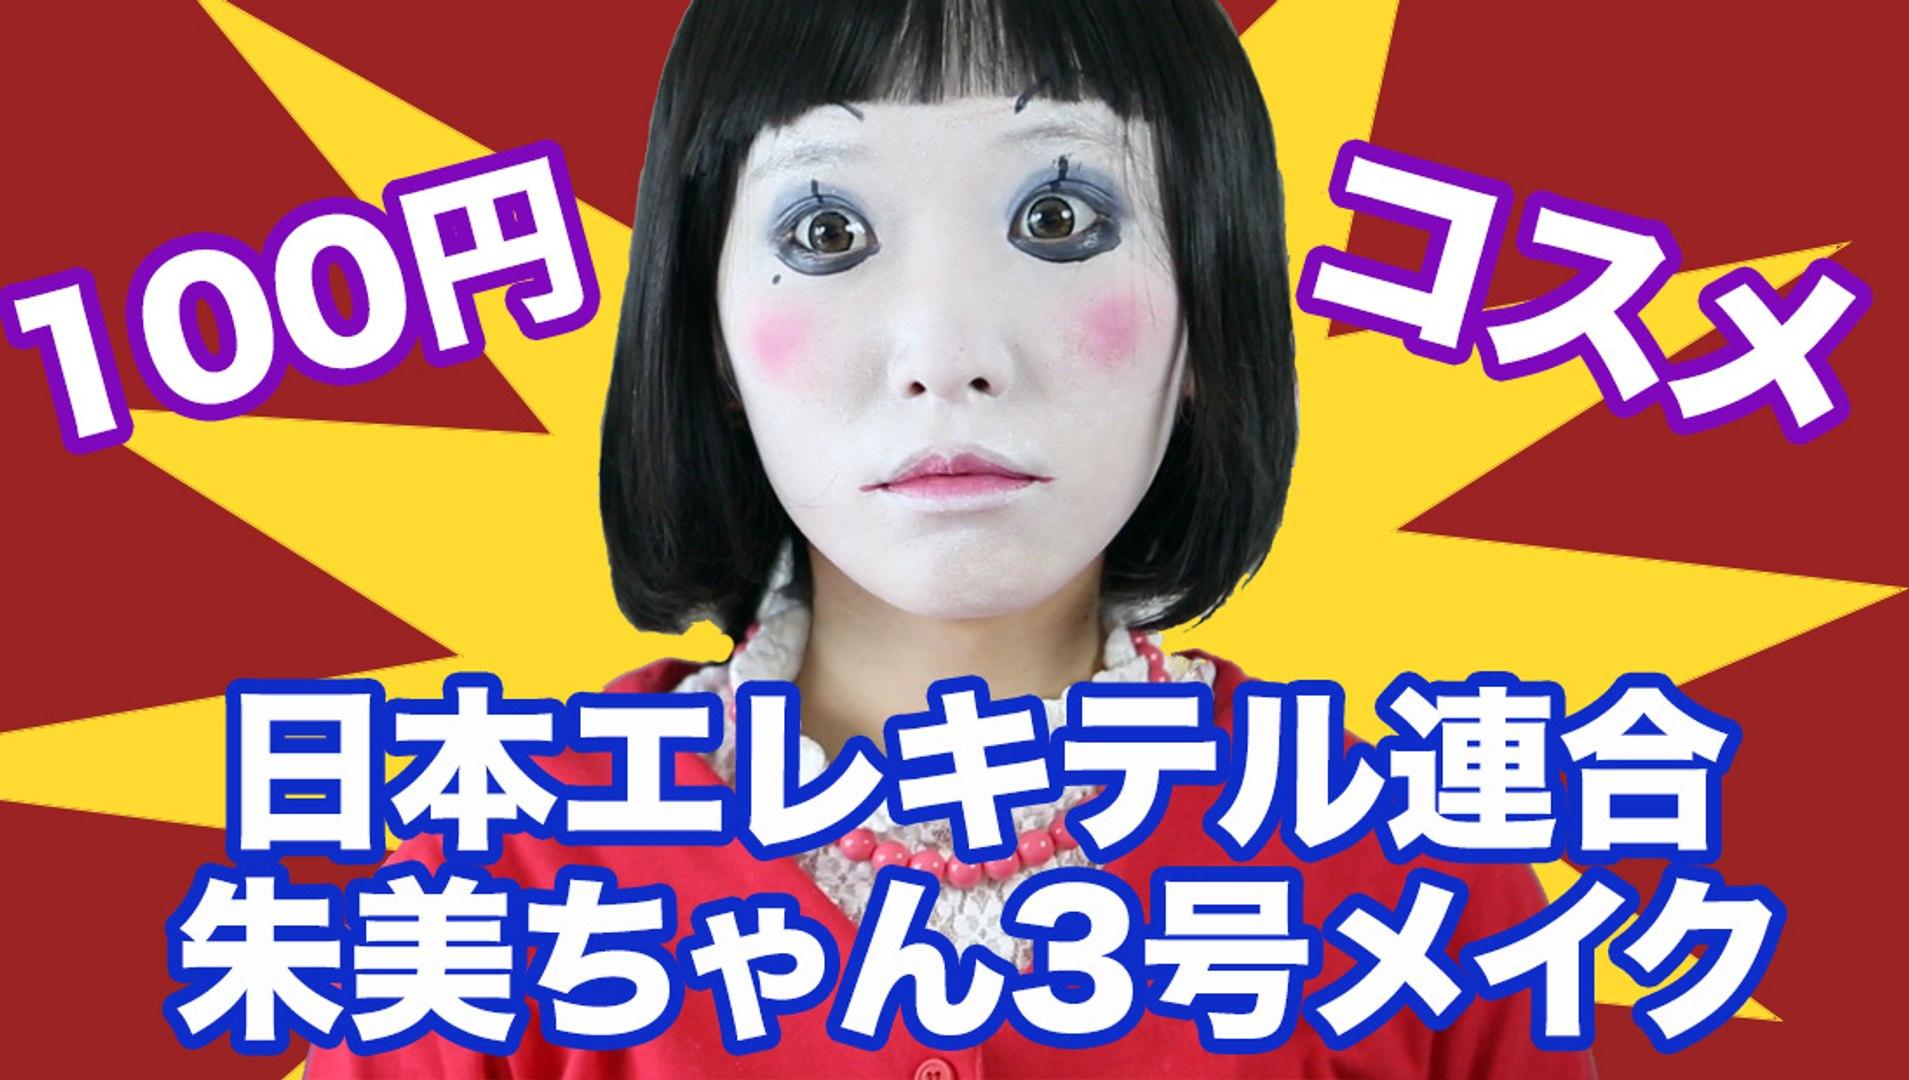 エレキテル 連合 ちゃん 日本 あけみ 謎のコント集団【日本エレキテル連合】の素顔・コントの魅力とは?